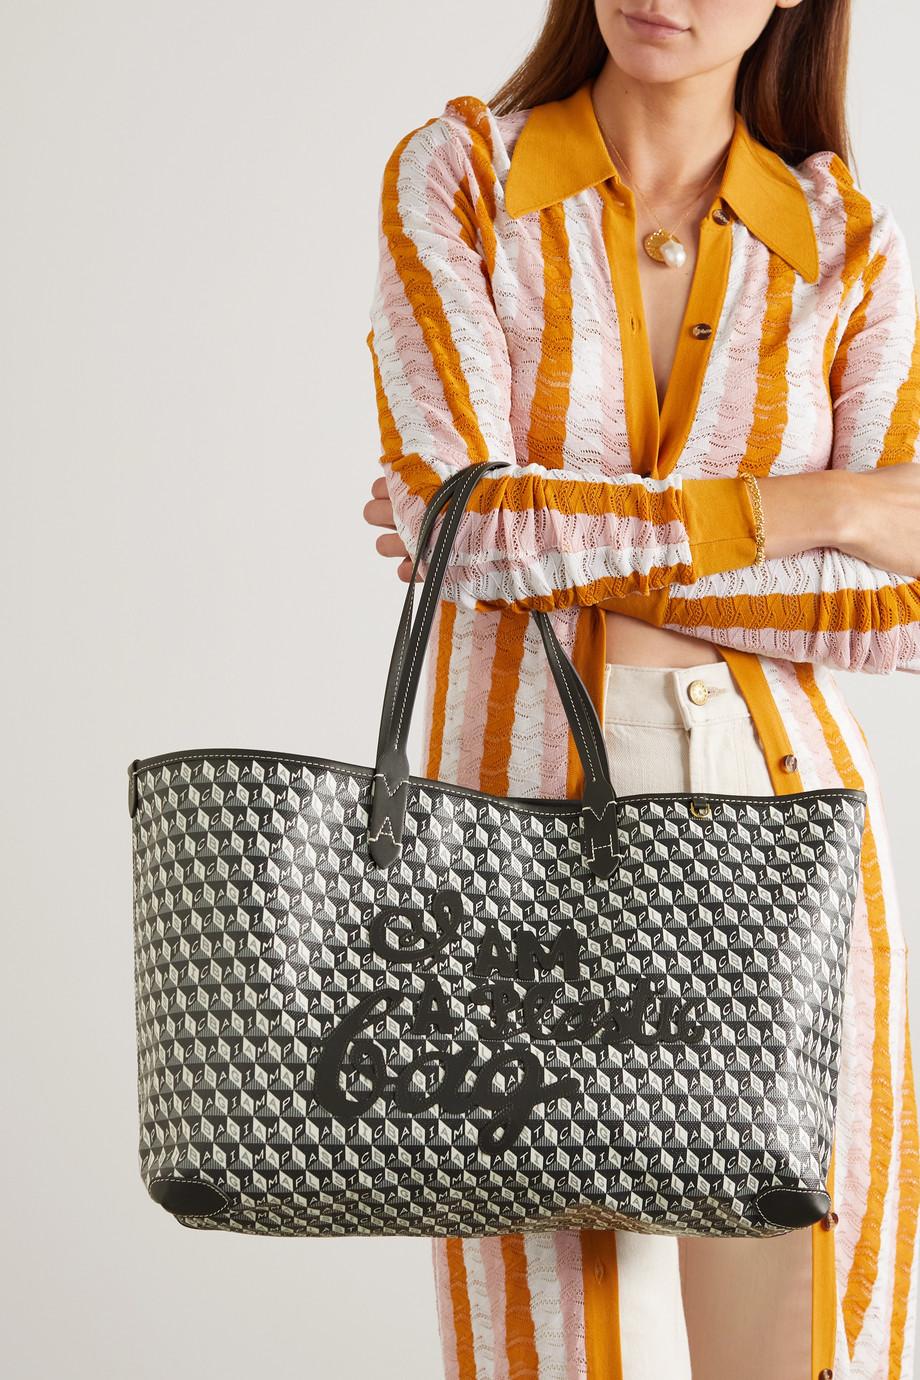 Anya Hindmarch Sac à main en toile enduite imprimée à finitions en cuir I Am A Plastic Bag Large - NET SUSTAIN